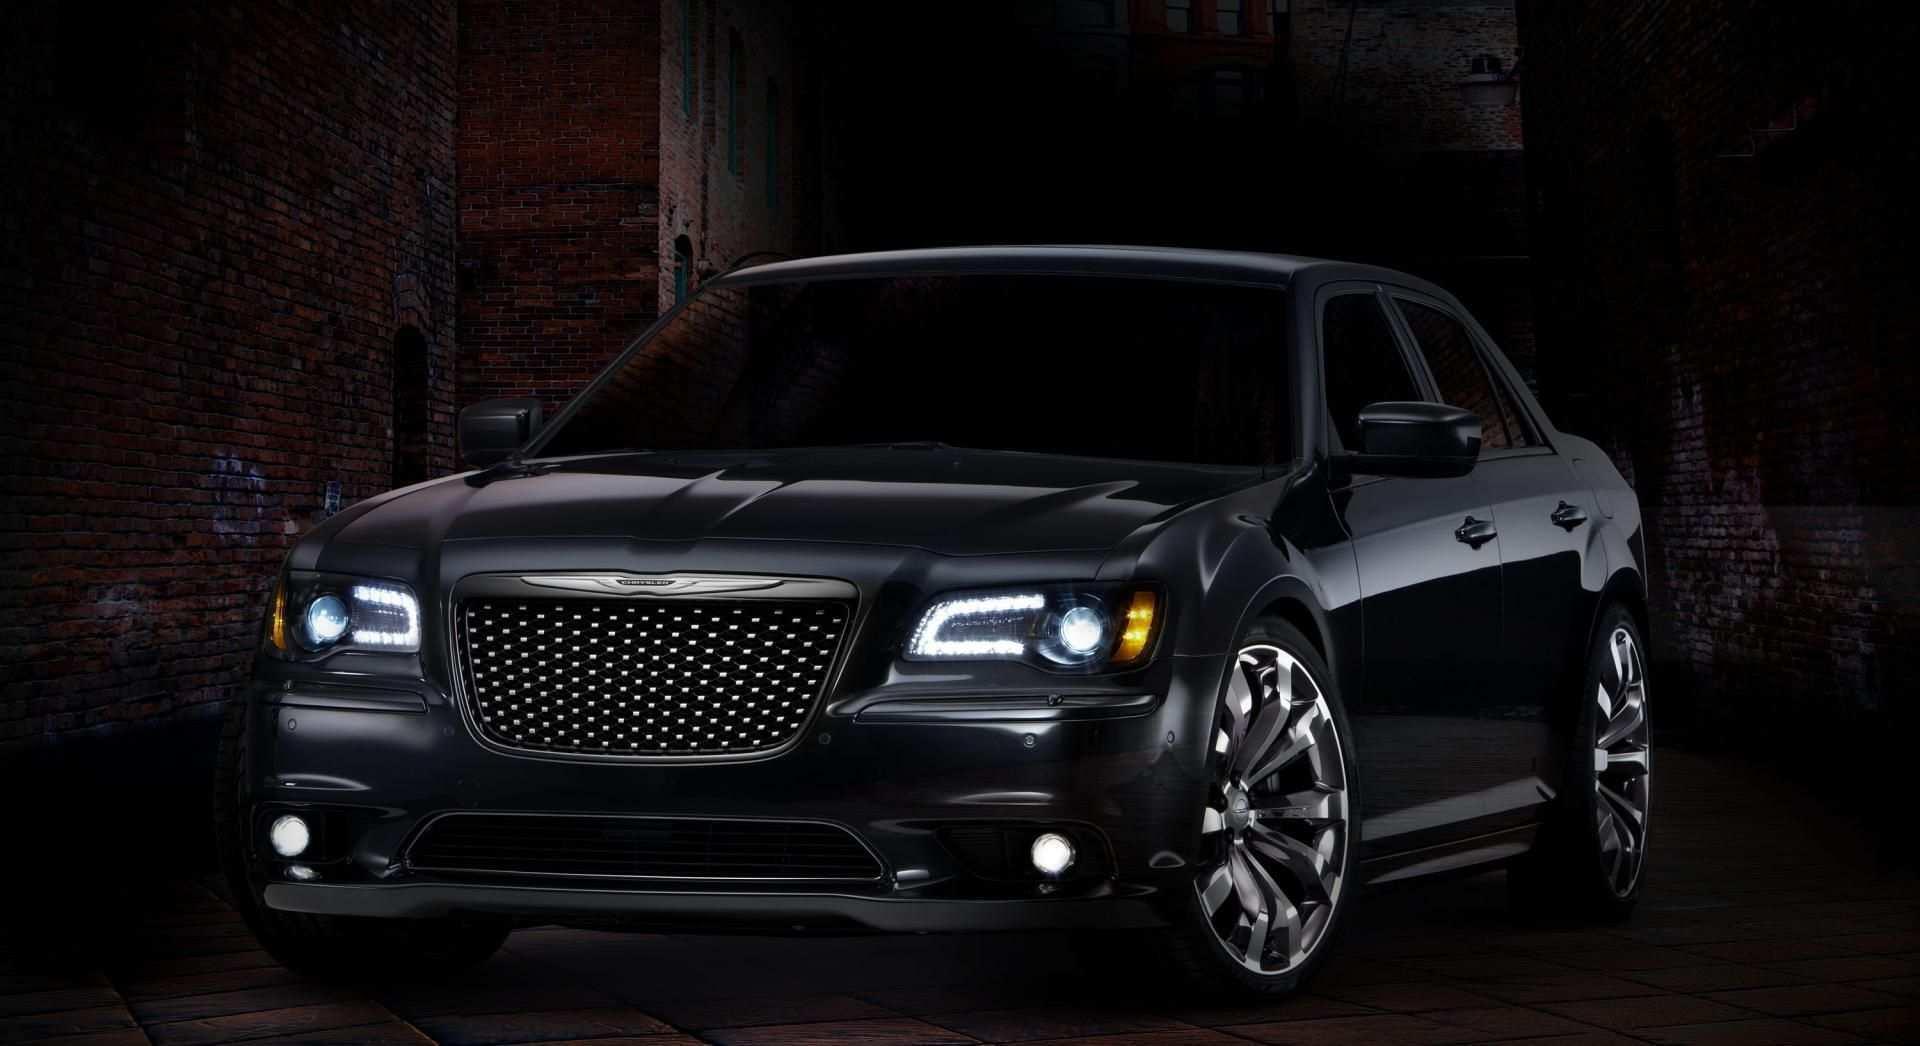 97 Best Review 2020 Chrysler 300 Engine for 2020 Chrysler 300